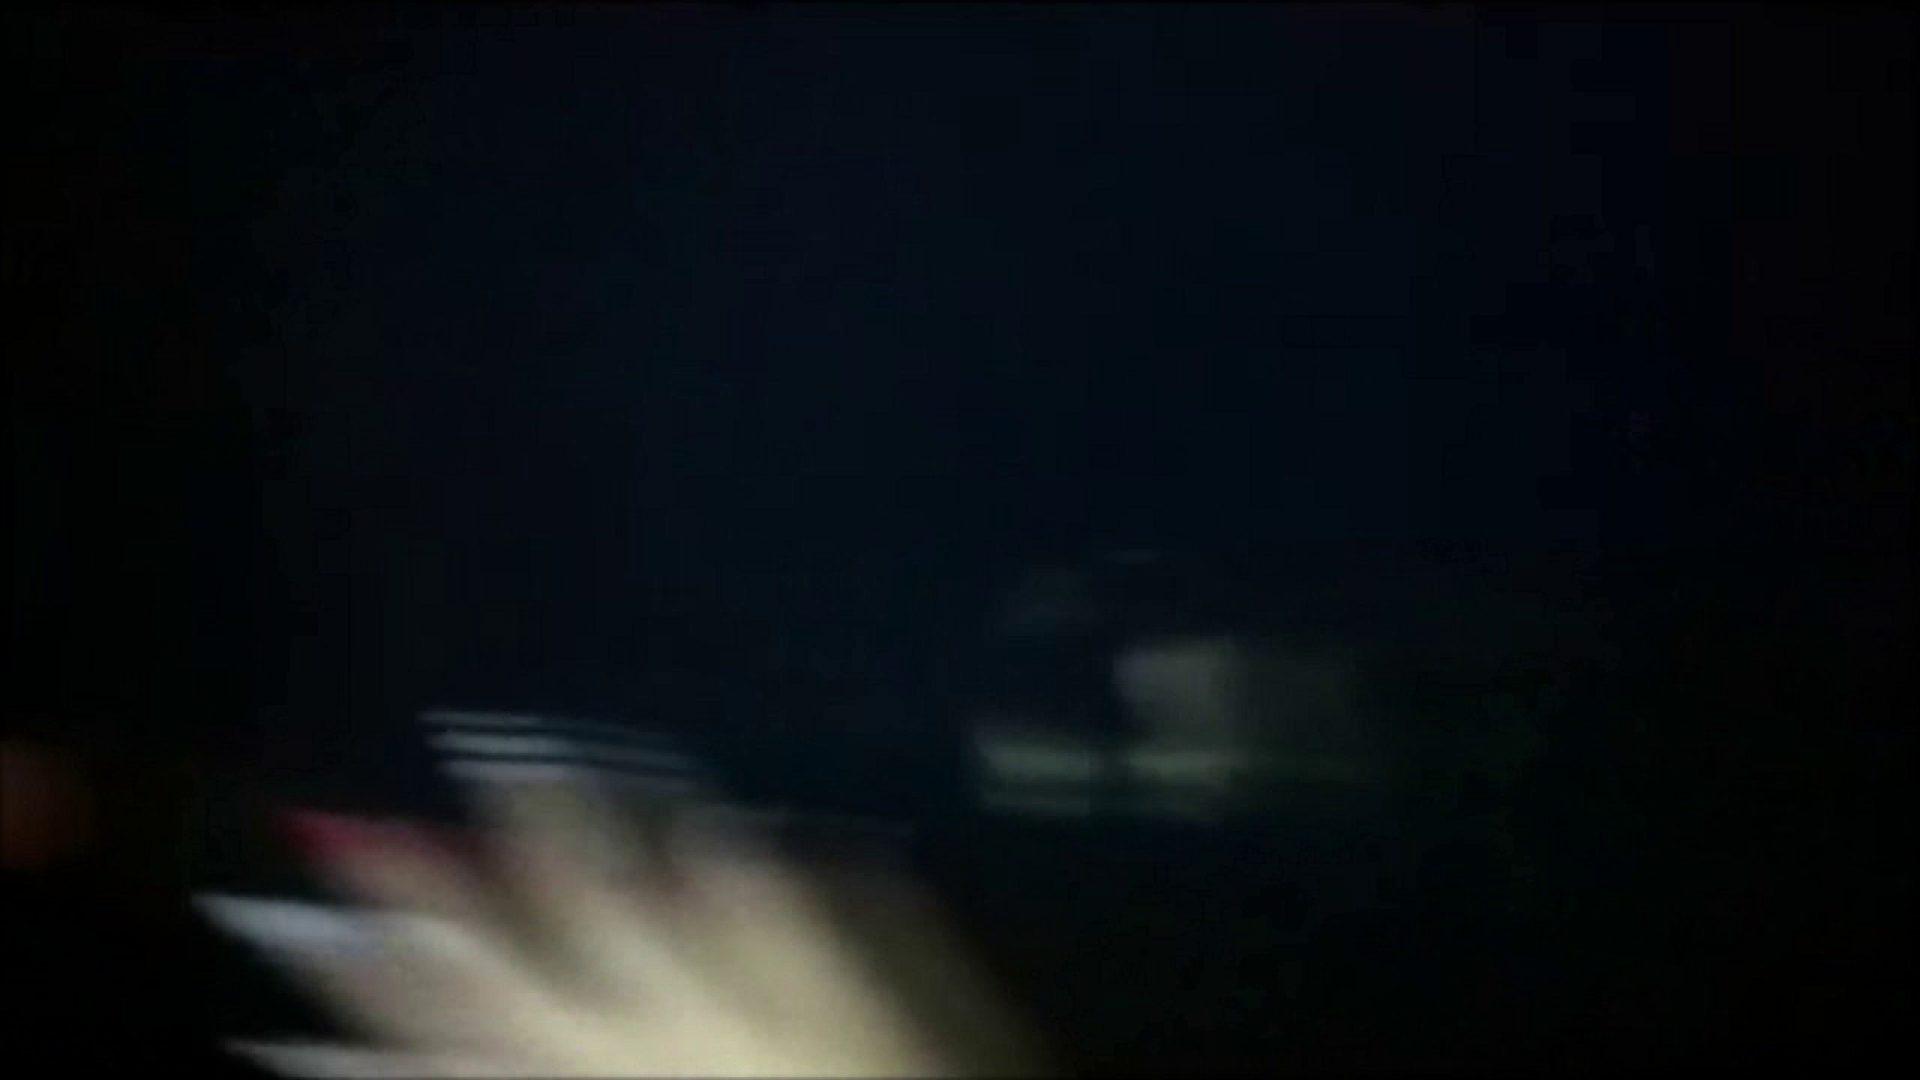 vol.5 【Nちゃん】某百貨店化粧品コーナー店員21歳 恋愛には至らず 女子大生 ぱこり動画紹介 108枚 3